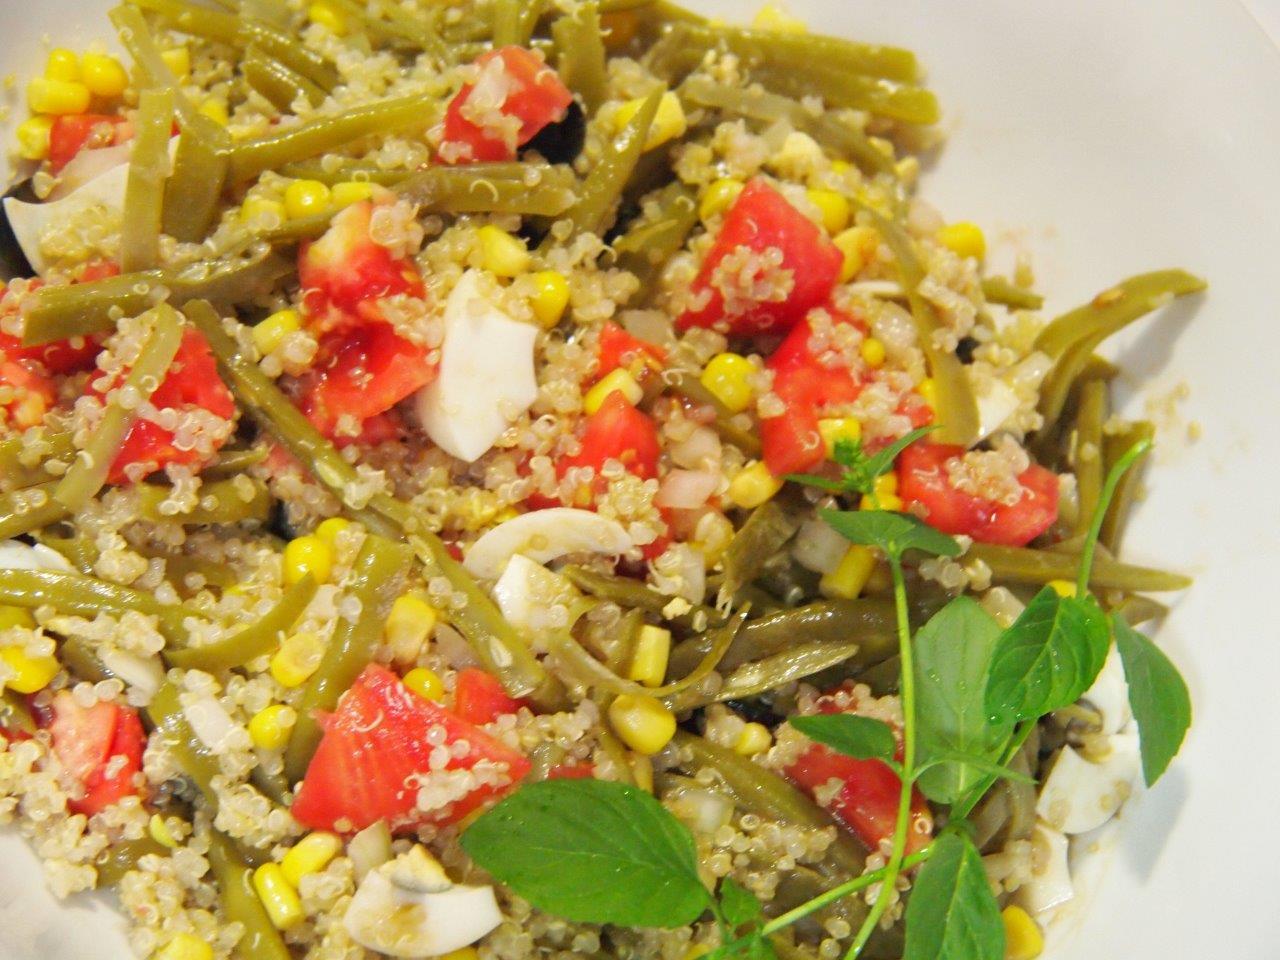 Ensalada de quinoa ma z y jud as verdes cocina sin carn - Ensalada de judias verdes arguinano ...